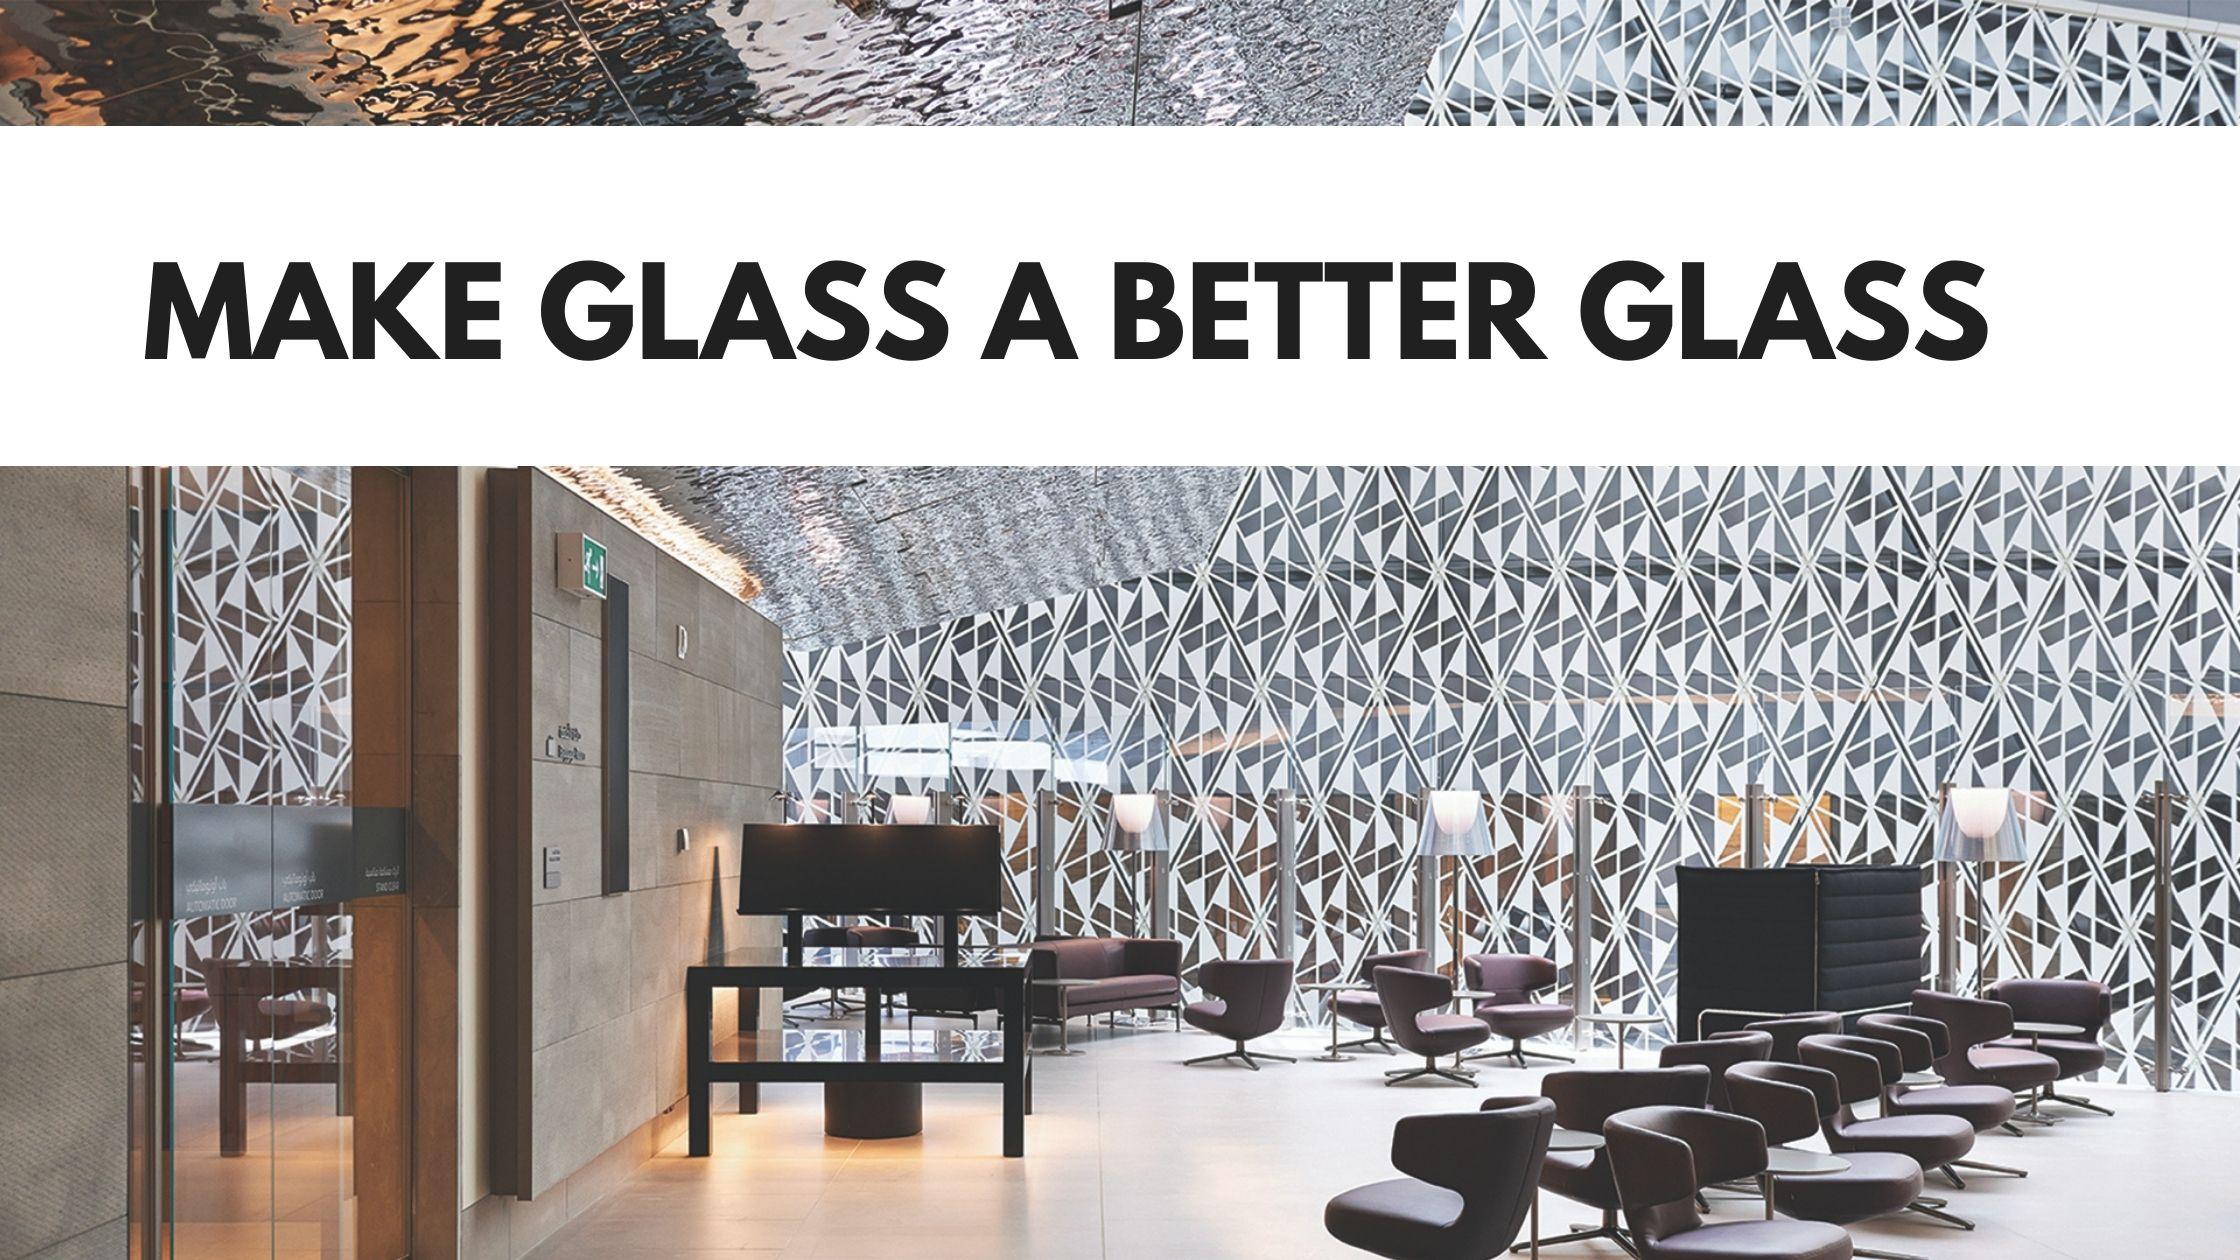 tyk glass ผู้ผลิต และจําหน่ายกระจกตกแต่ง กระจกดีไซน์ทุกรูปแบบ